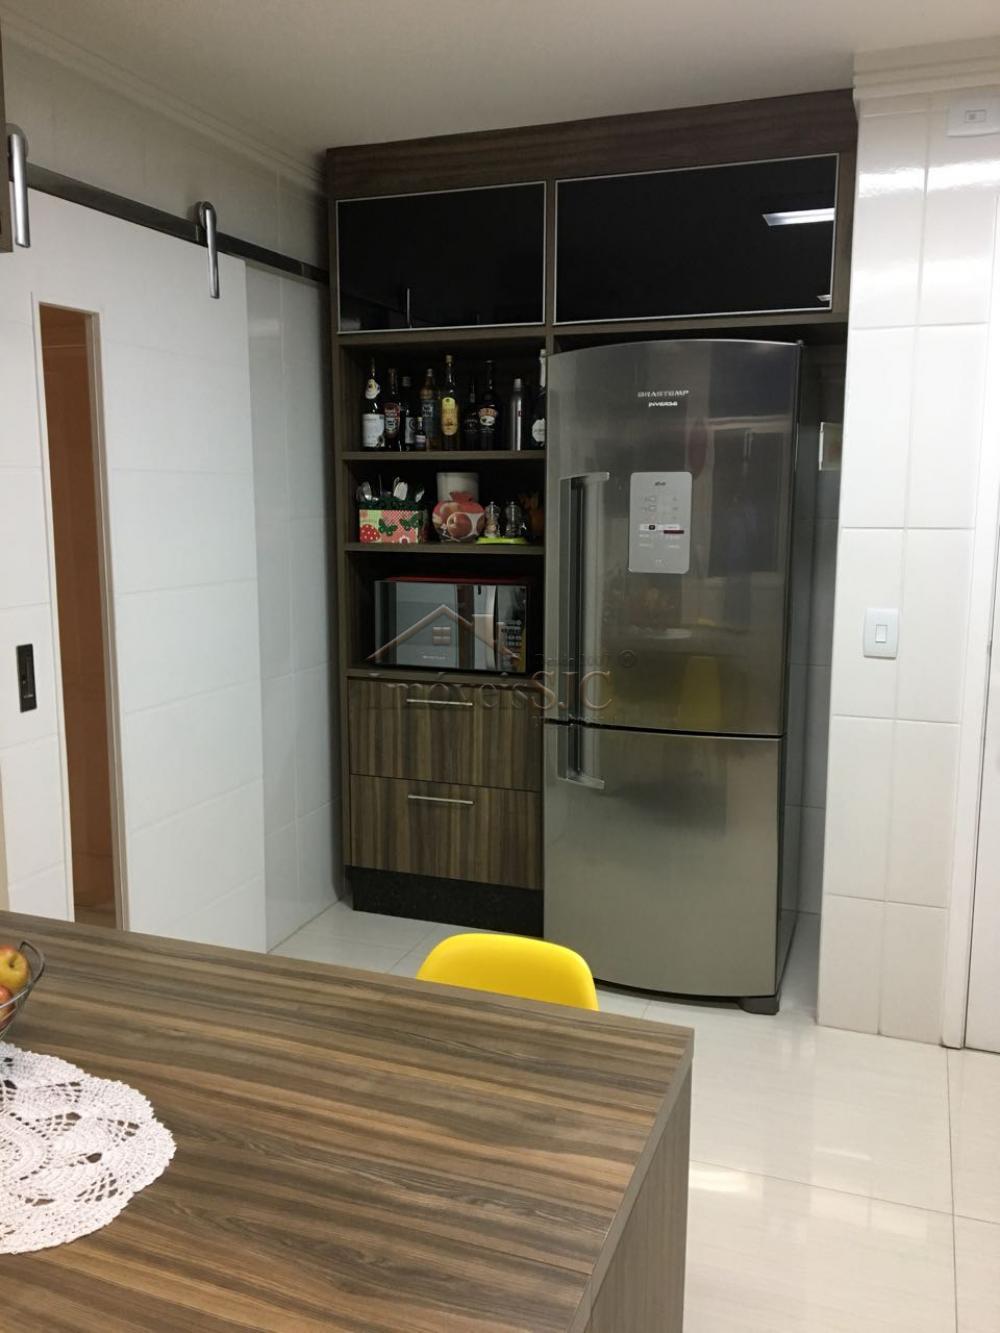 Comprar Apartamentos / Padrão em São José dos Campos apenas R$ 895.000,00 - Foto 3